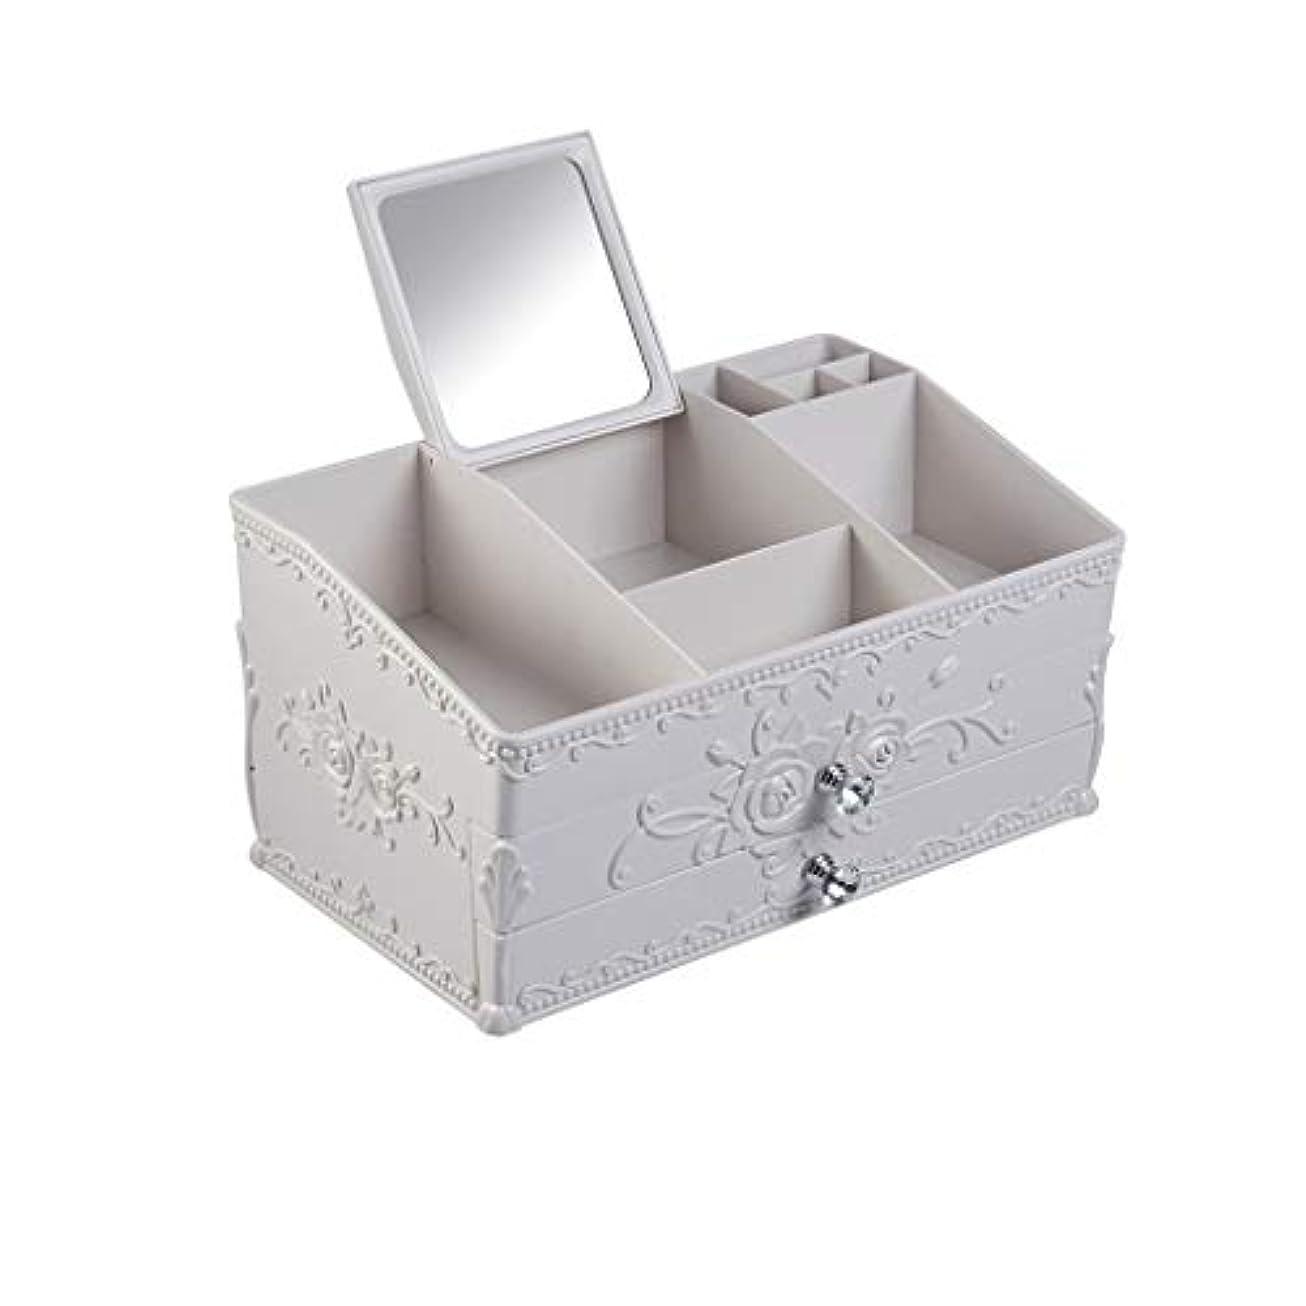 からかう環境に優しい緊急ドレッシングテーブルデスクトップスキンケア収納ボックス寮プラスチックラック (Color : B)